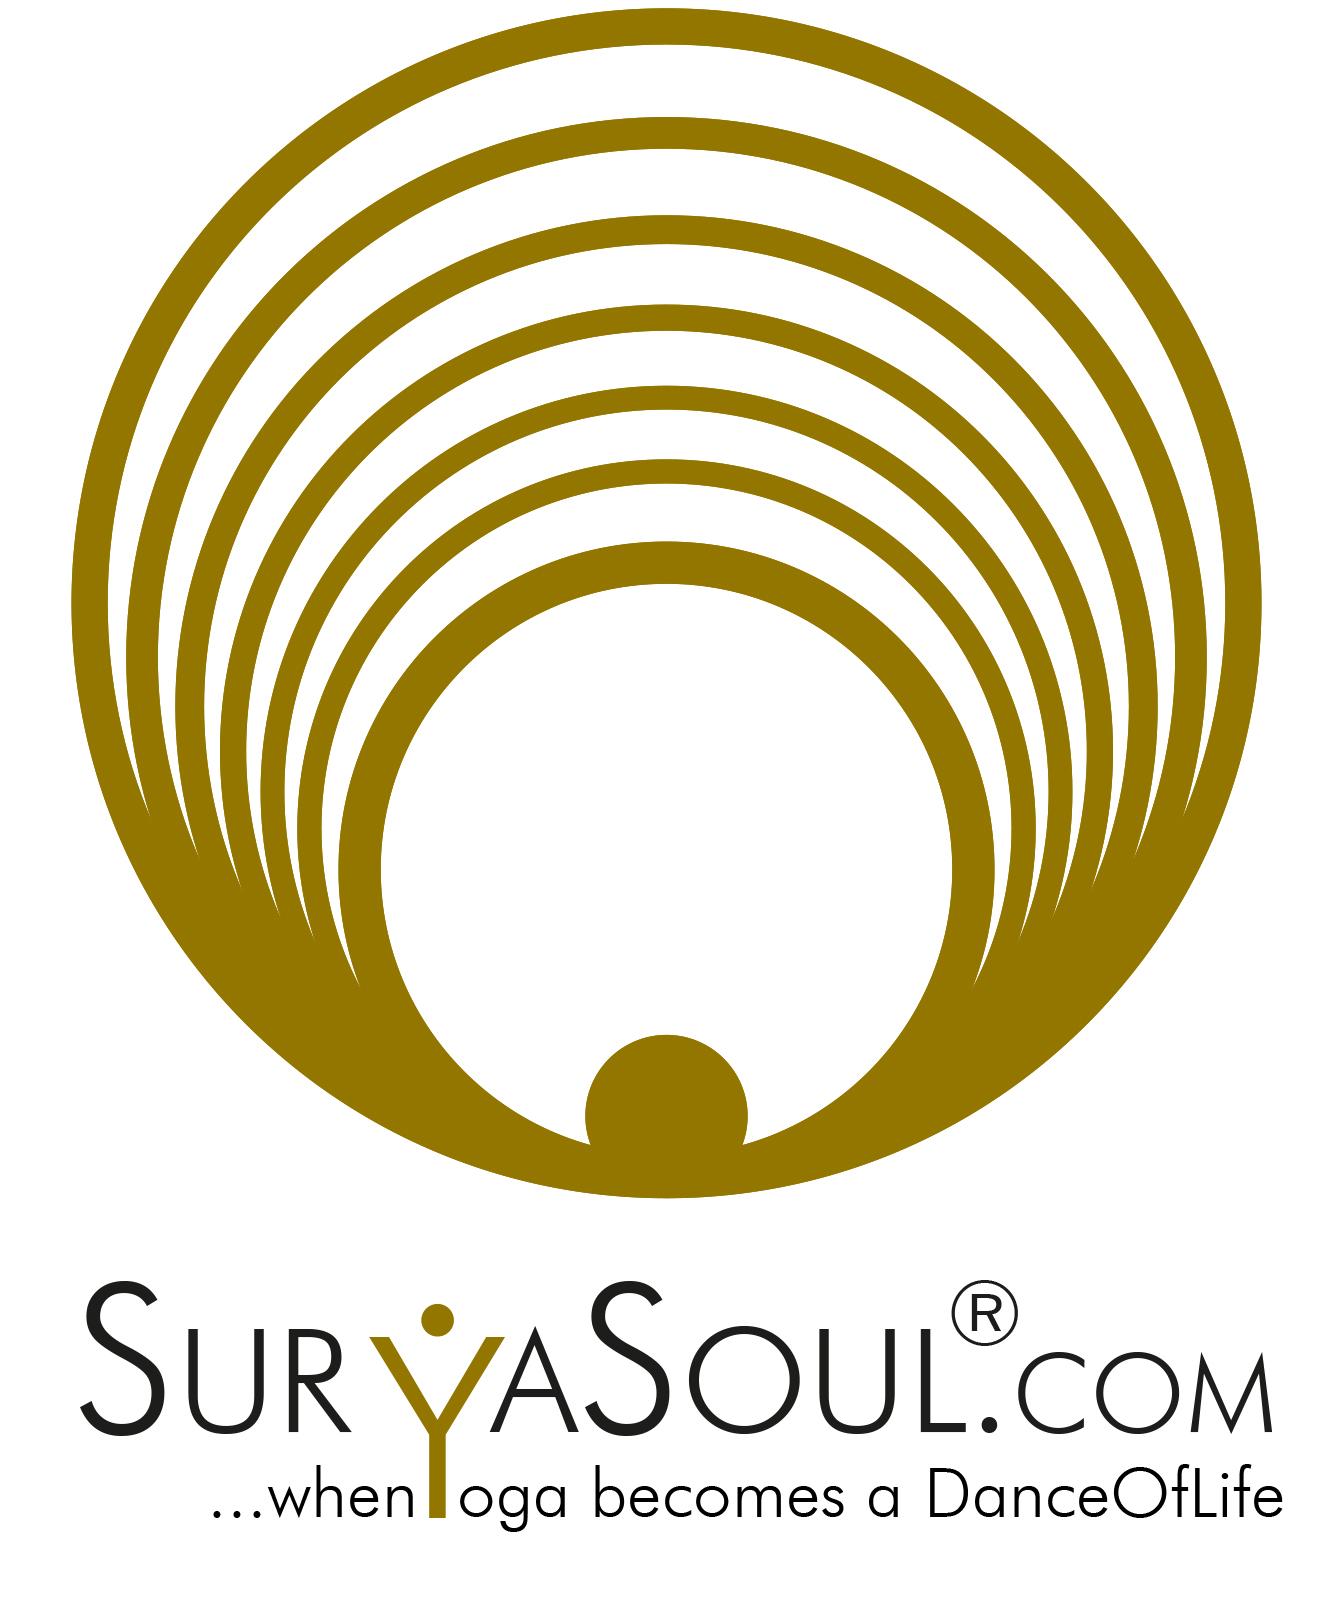 SuryaSoul